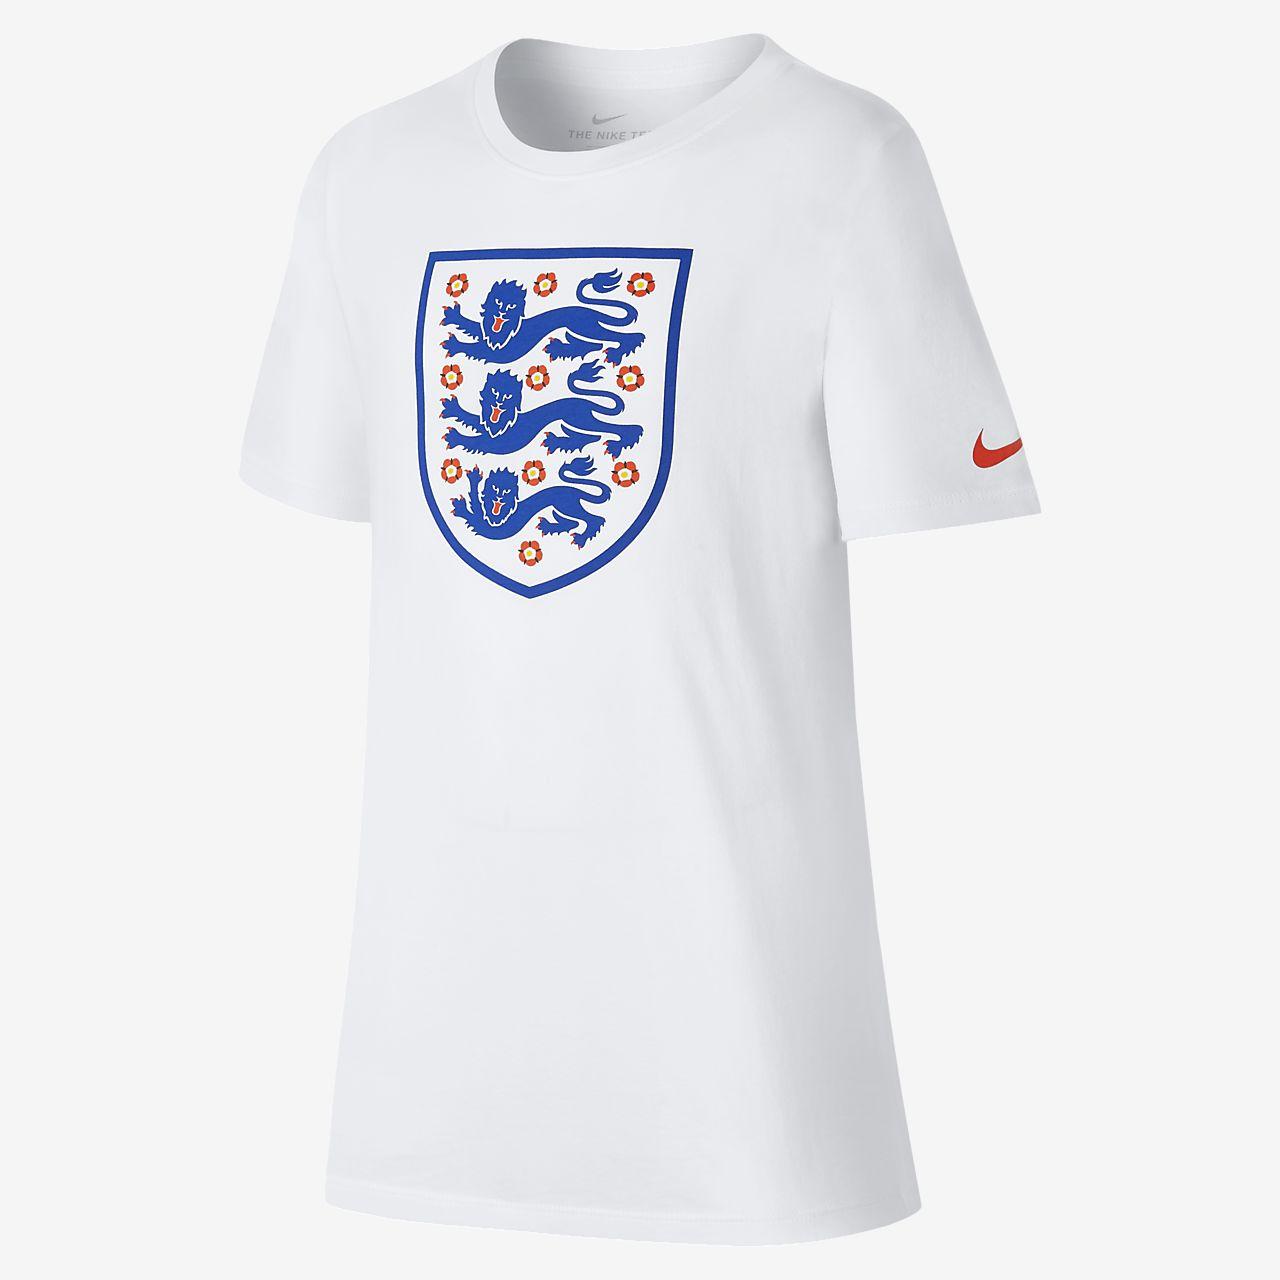 Playera para niño talla grande England Crest